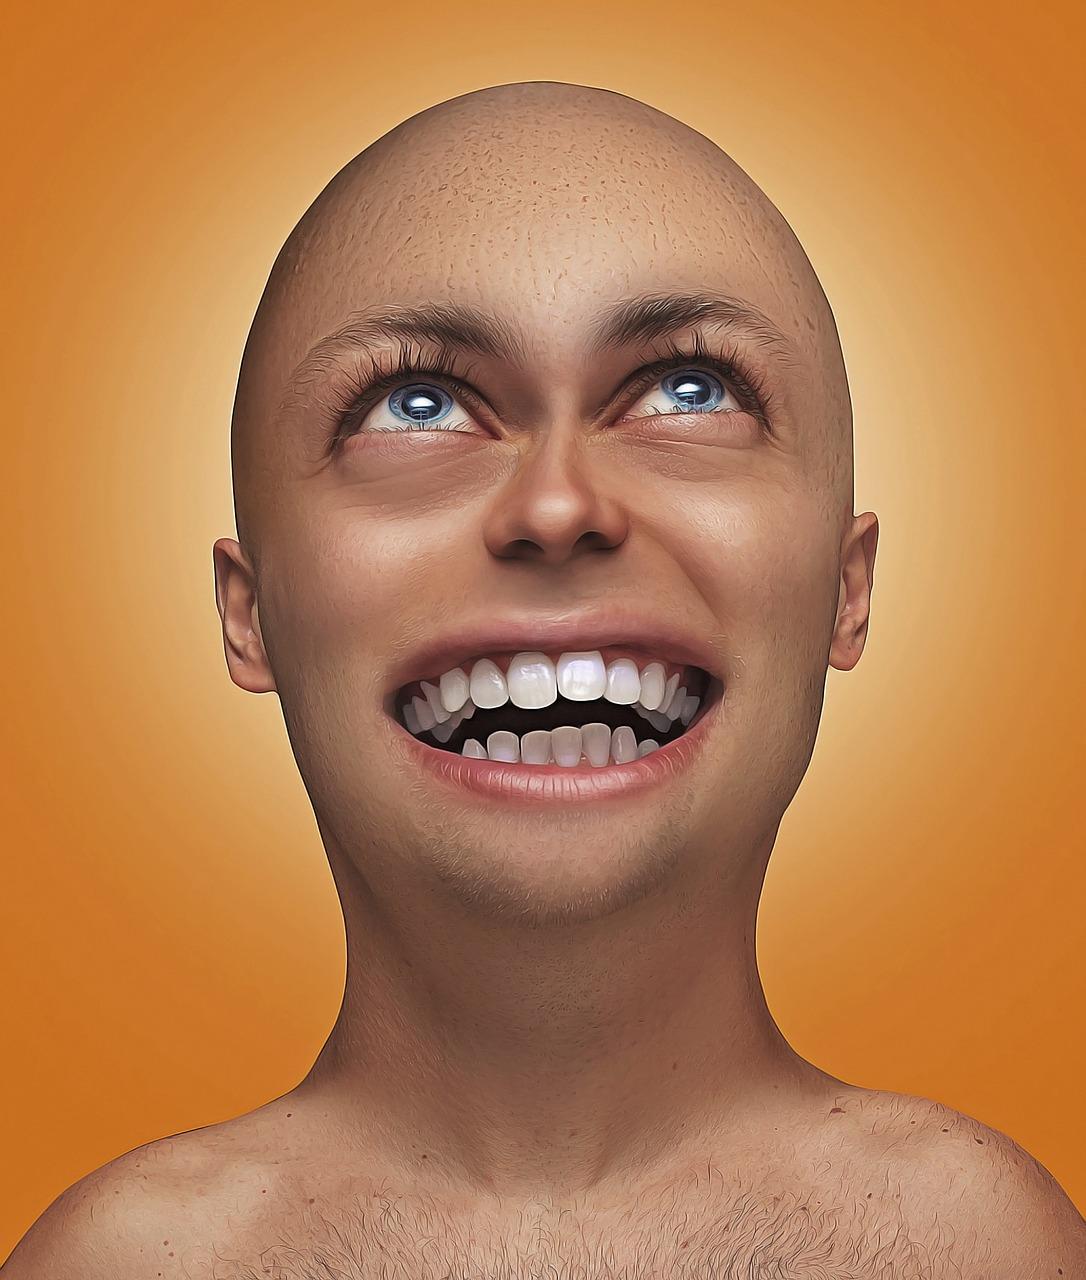 Угарная улыбка картинки